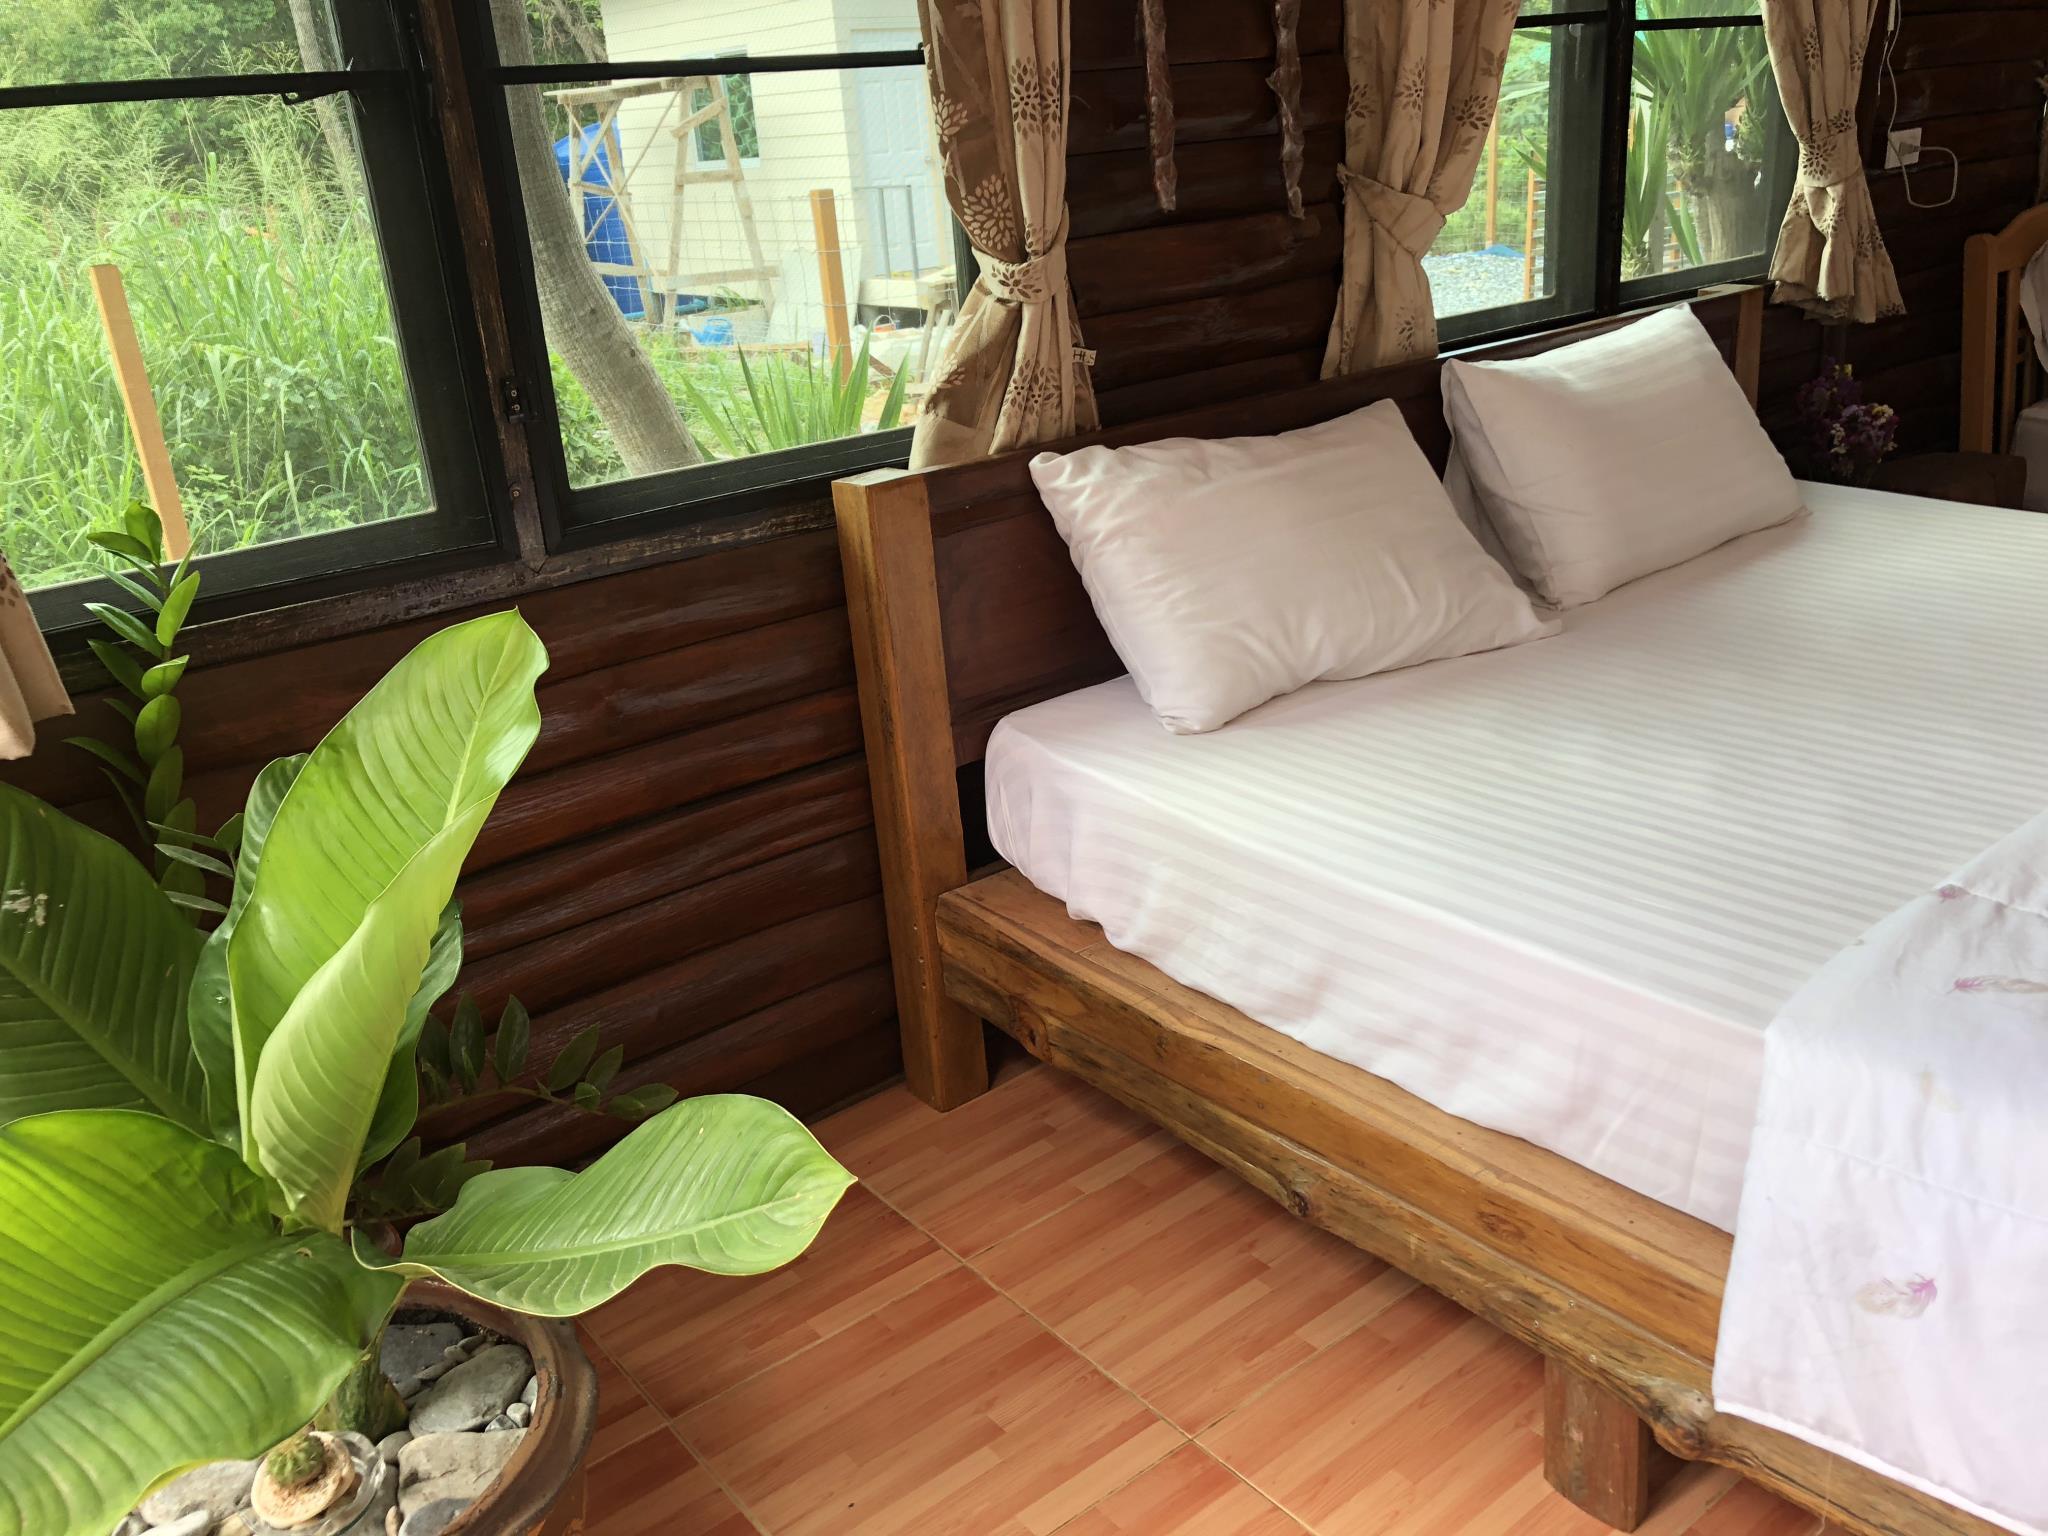 , 1 ห้องนอน 2 ห้องน้ำส่วนตัว ขนาด 77 ตร.ม. – เกาะสีชัง